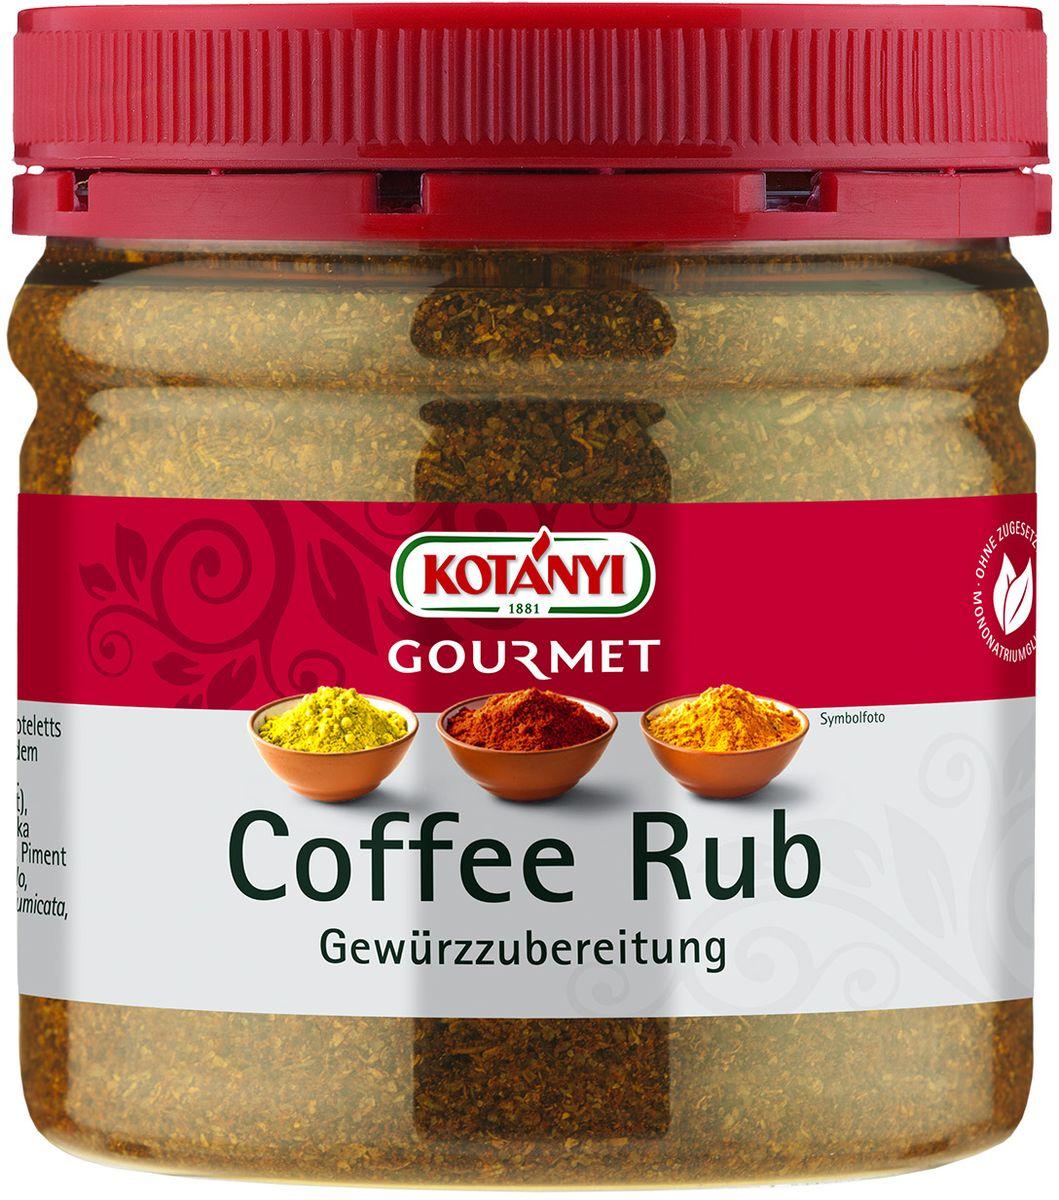 """Приправа """"Маринад кофейный сухой"""" Информация о продукте: для стейков, отбивных и филе, приготовленных на гриле и сковороде. Состав: соль морская йодированная (соль морская, йодат калия), кофе (20%) декофеинизированный, кориандр, коричневый сахар (сахар, сироп сахарного тростника, карамельный сироп), копченая паприка, лук, тмин, розмарин, тимьян, душистый перец. Может содержать следы глютеносодержащих злаков, яиц, сои, сельдерея, кунжута, орехов, горчицы, молока (лактозы). Пищевая ценность в 100 г: энергетическая ценность: 1104 кДж/263 кКал, белки 7,8 г, углеводы 28 г, жиры 8,4 г. Хранить плотно закрытым в сухом месте."""